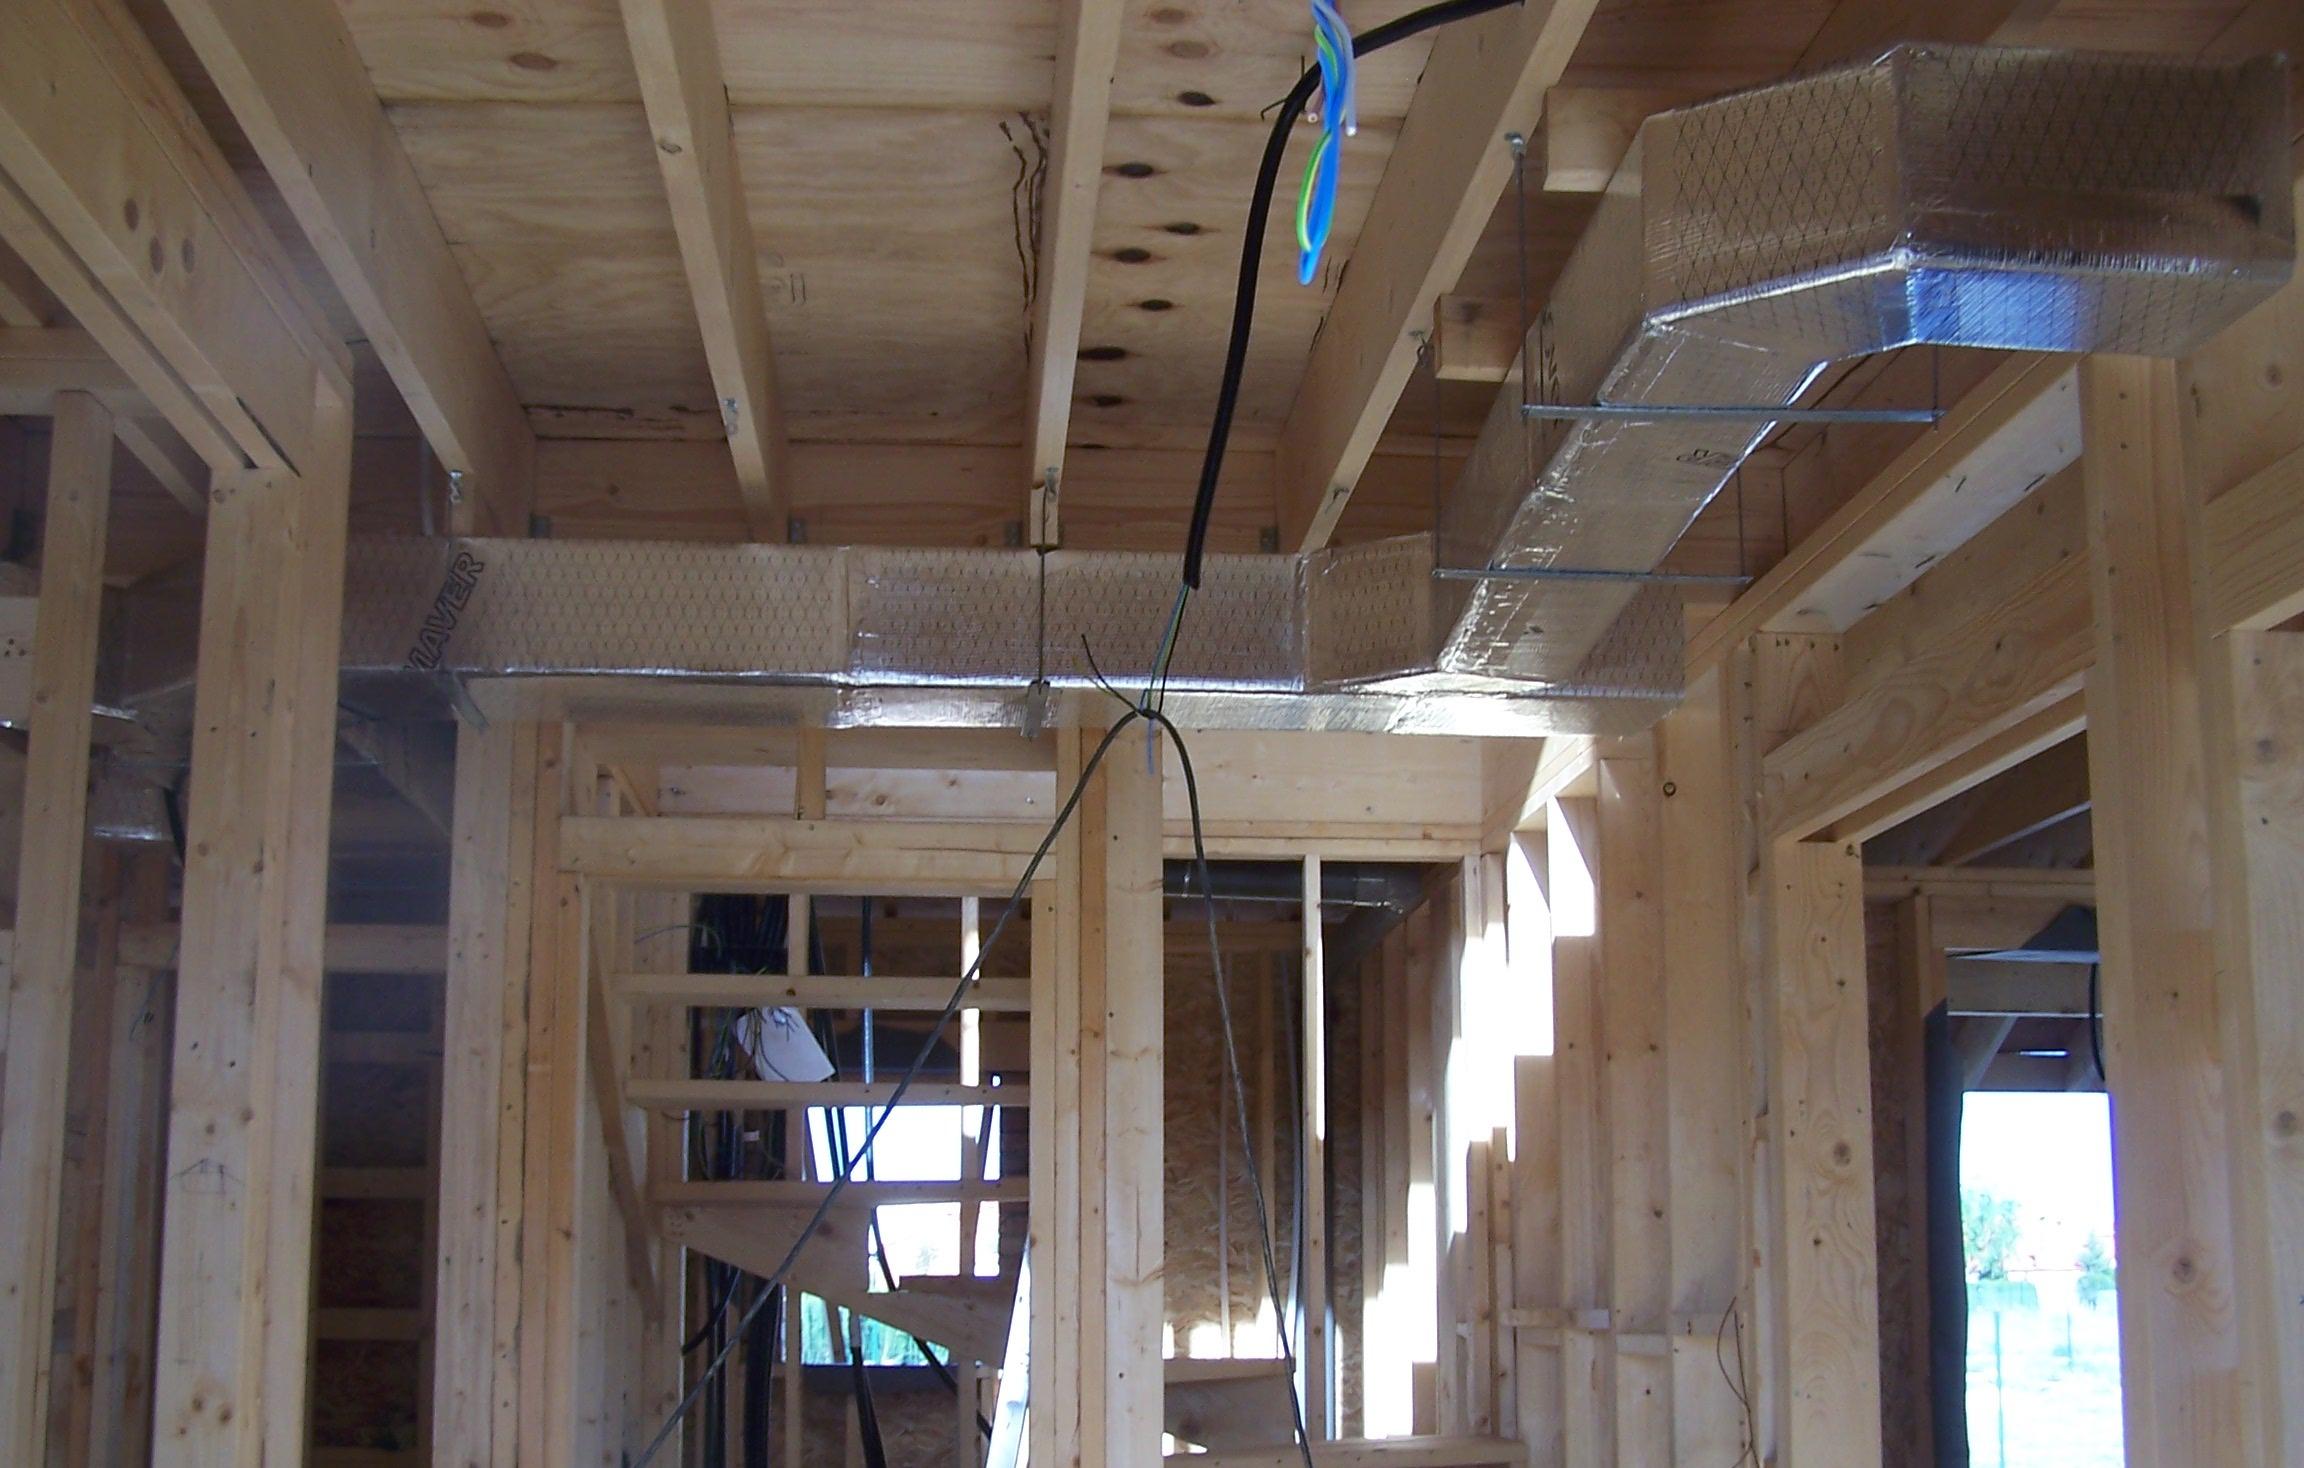 Casas de madera canadienses construcciones canadienses - Casas canadienses de madera ...